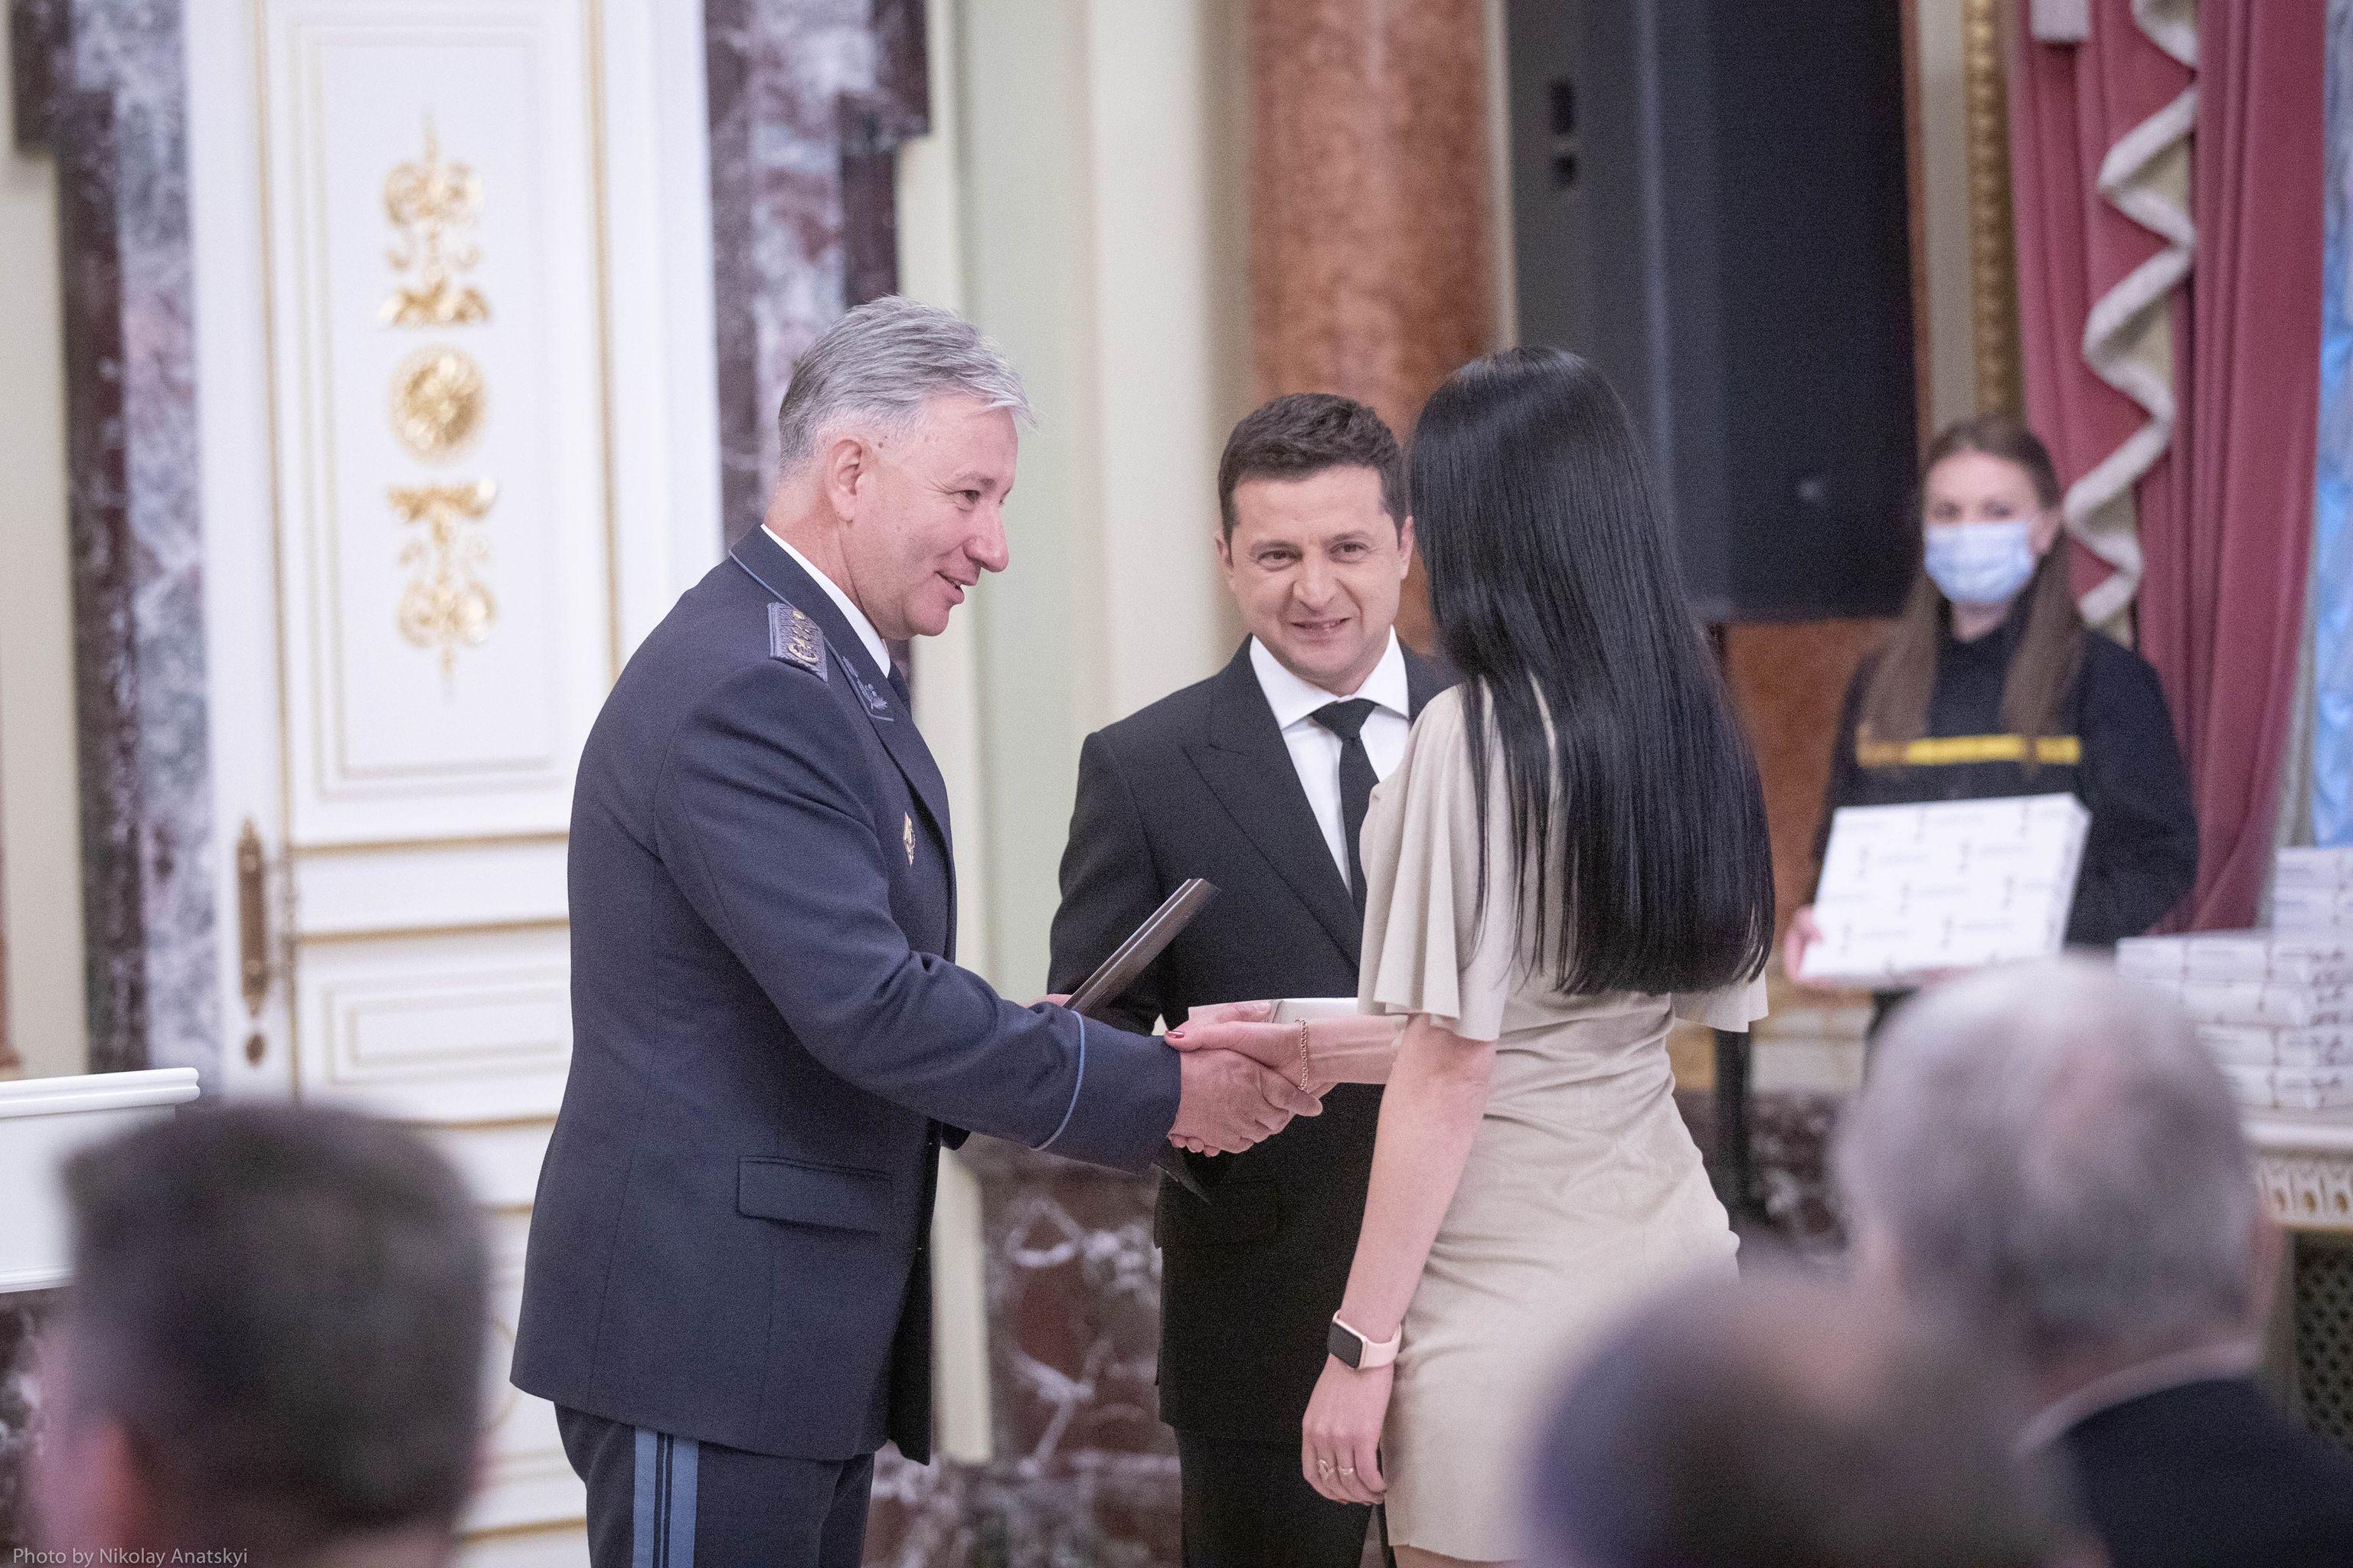 Школярі, пенсіонери, водії: хто отримав нагороди від президента - фото 2